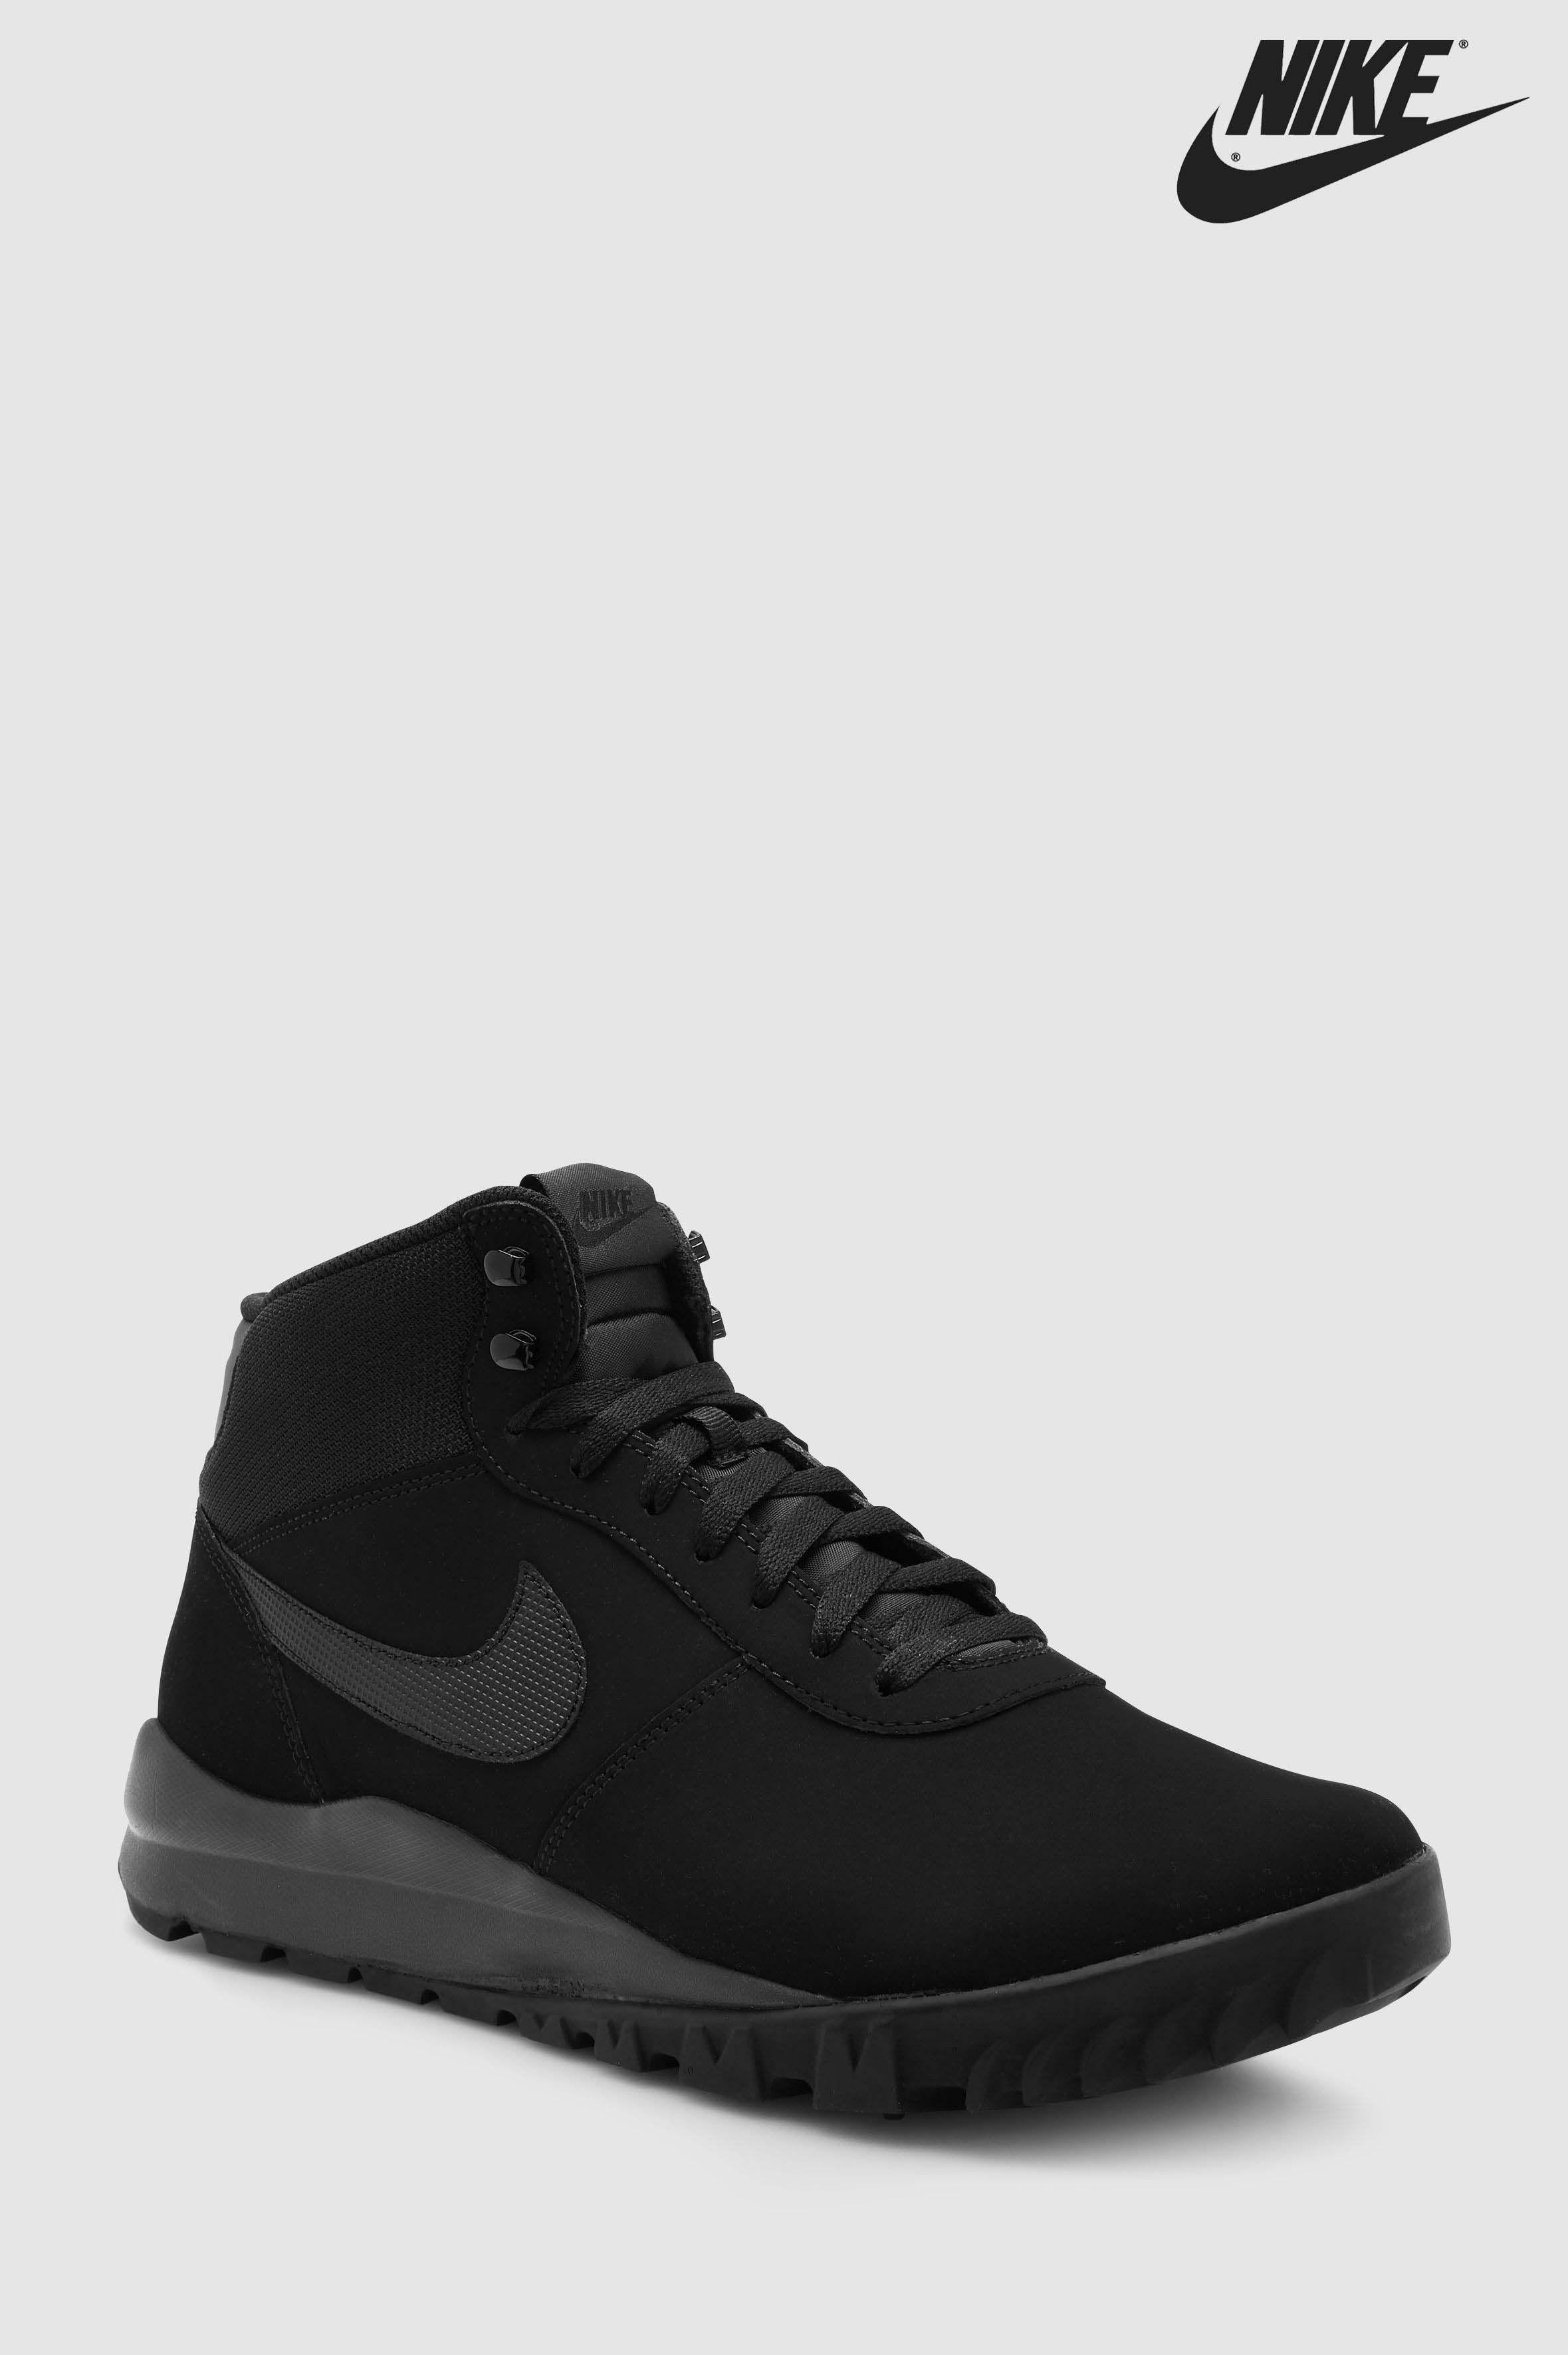 ac8fe90594e81a Mens Nike Hoodland Suede Boot - Black